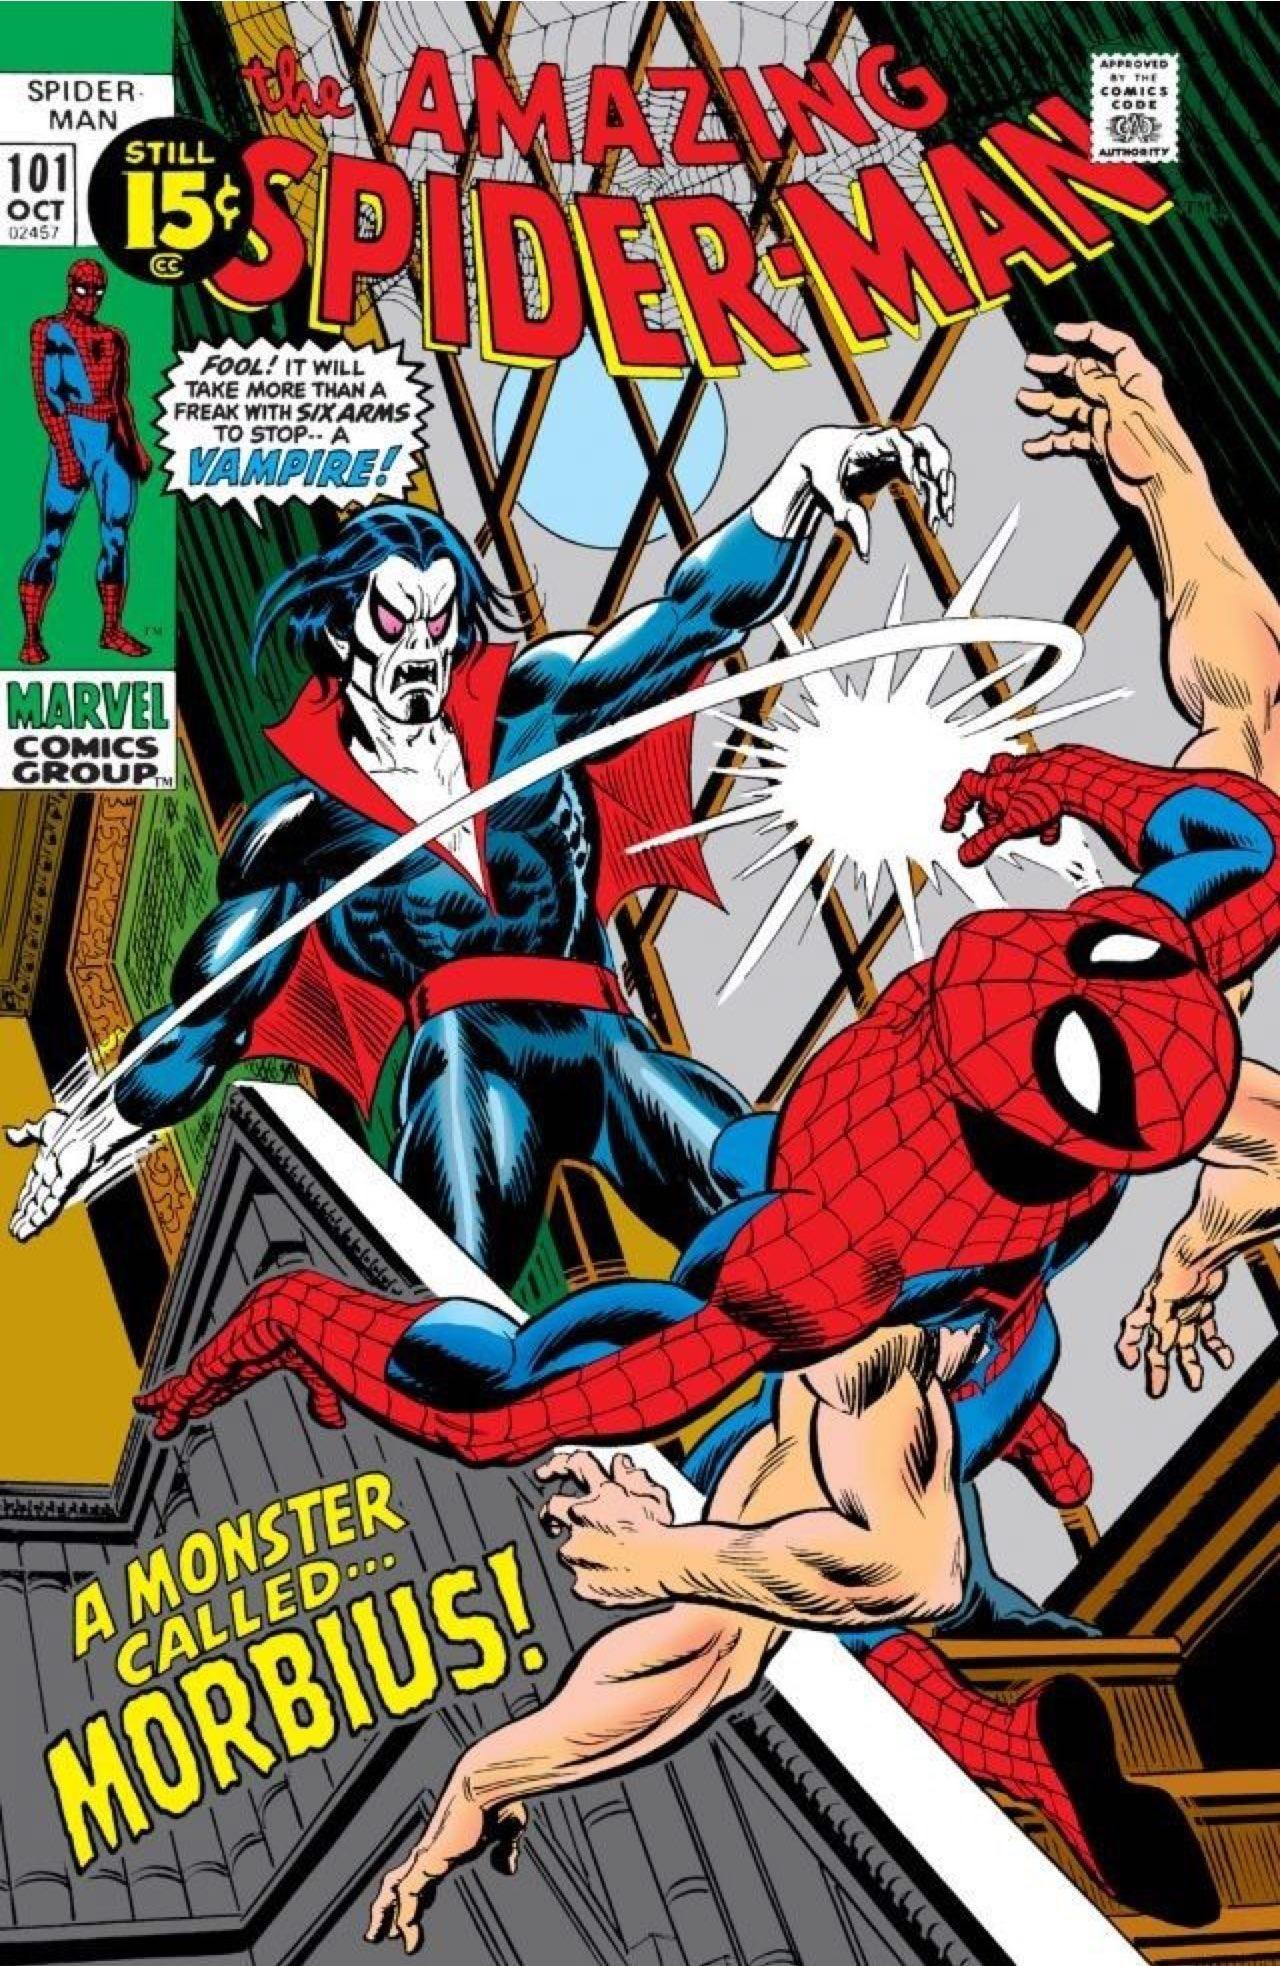 Morbius nos quadrinhos do Homem-Aranha (Foto: Divulgação)